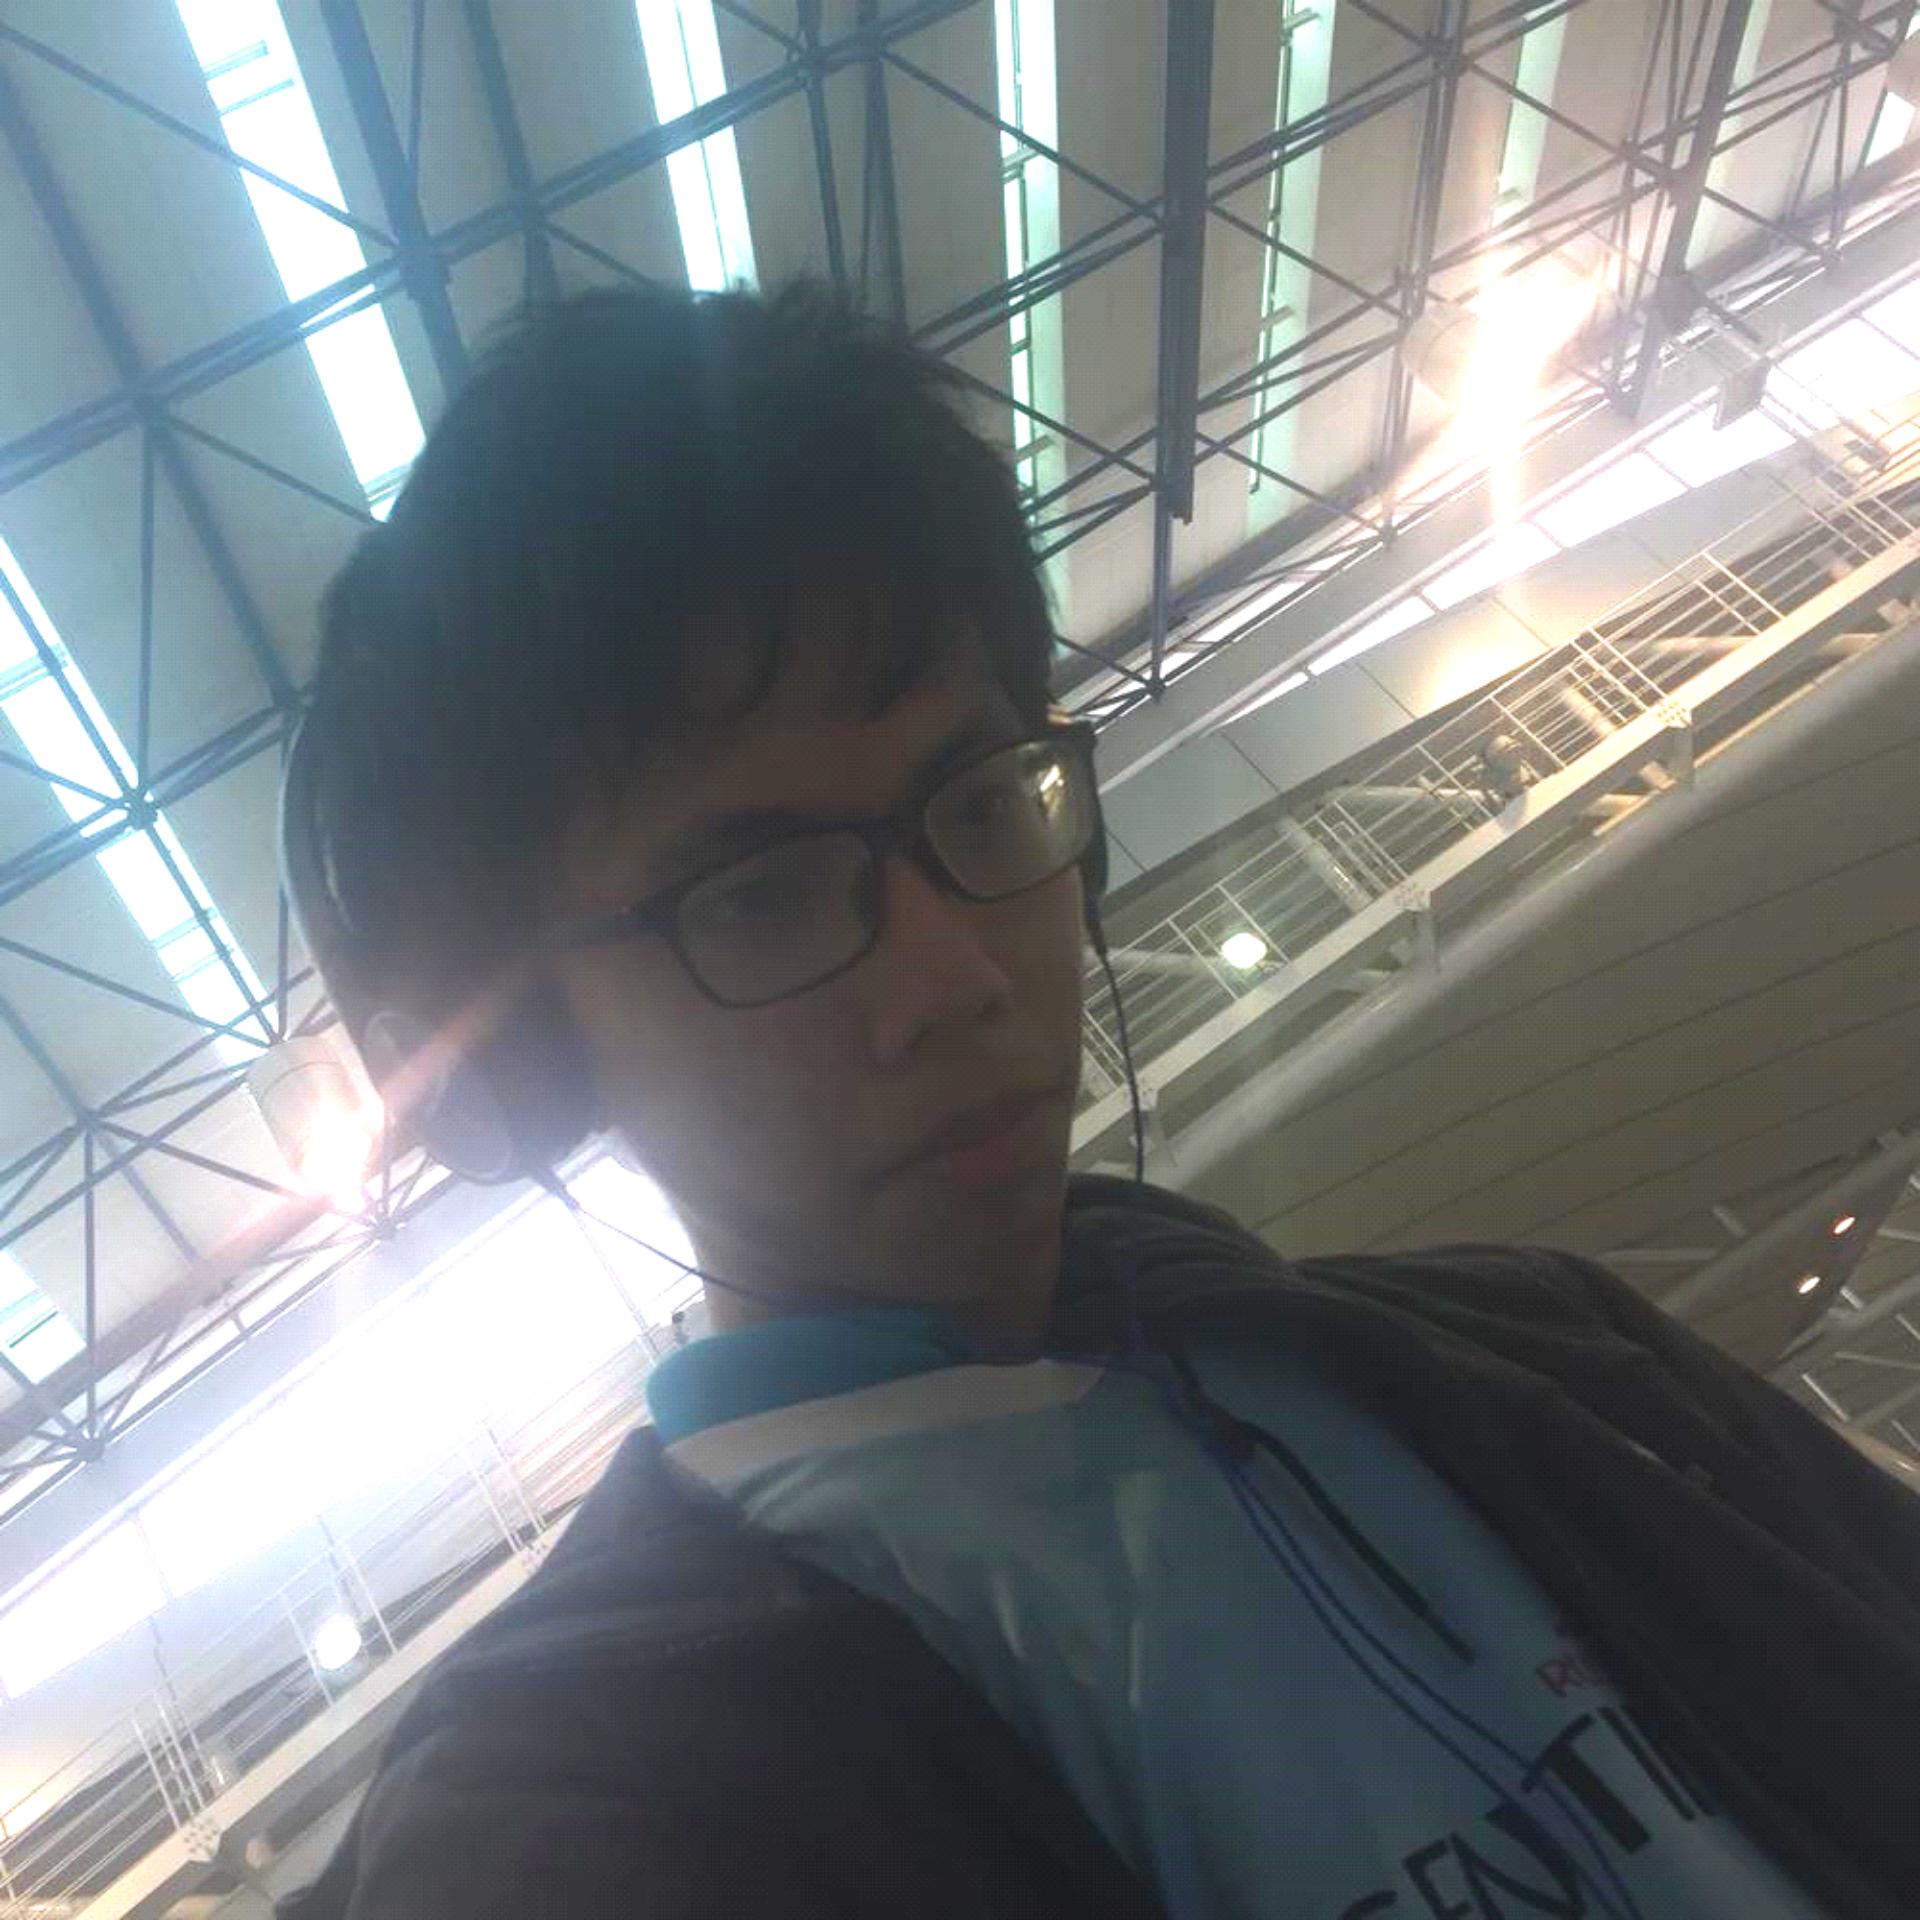 Tan Zing Fung looking down at camera